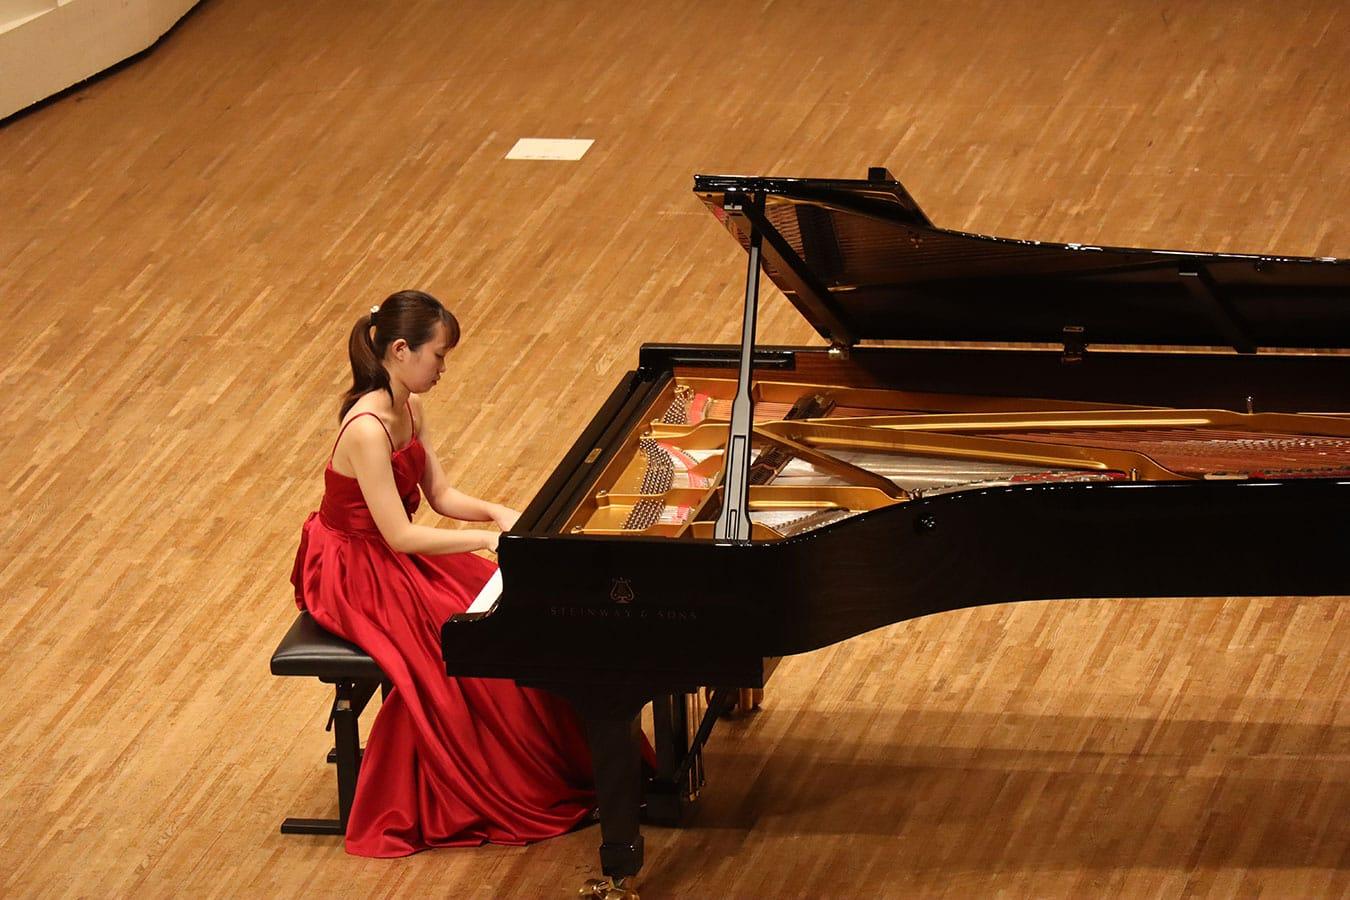 第5回学内演奏会 ―ピアノコース―演奏風景5